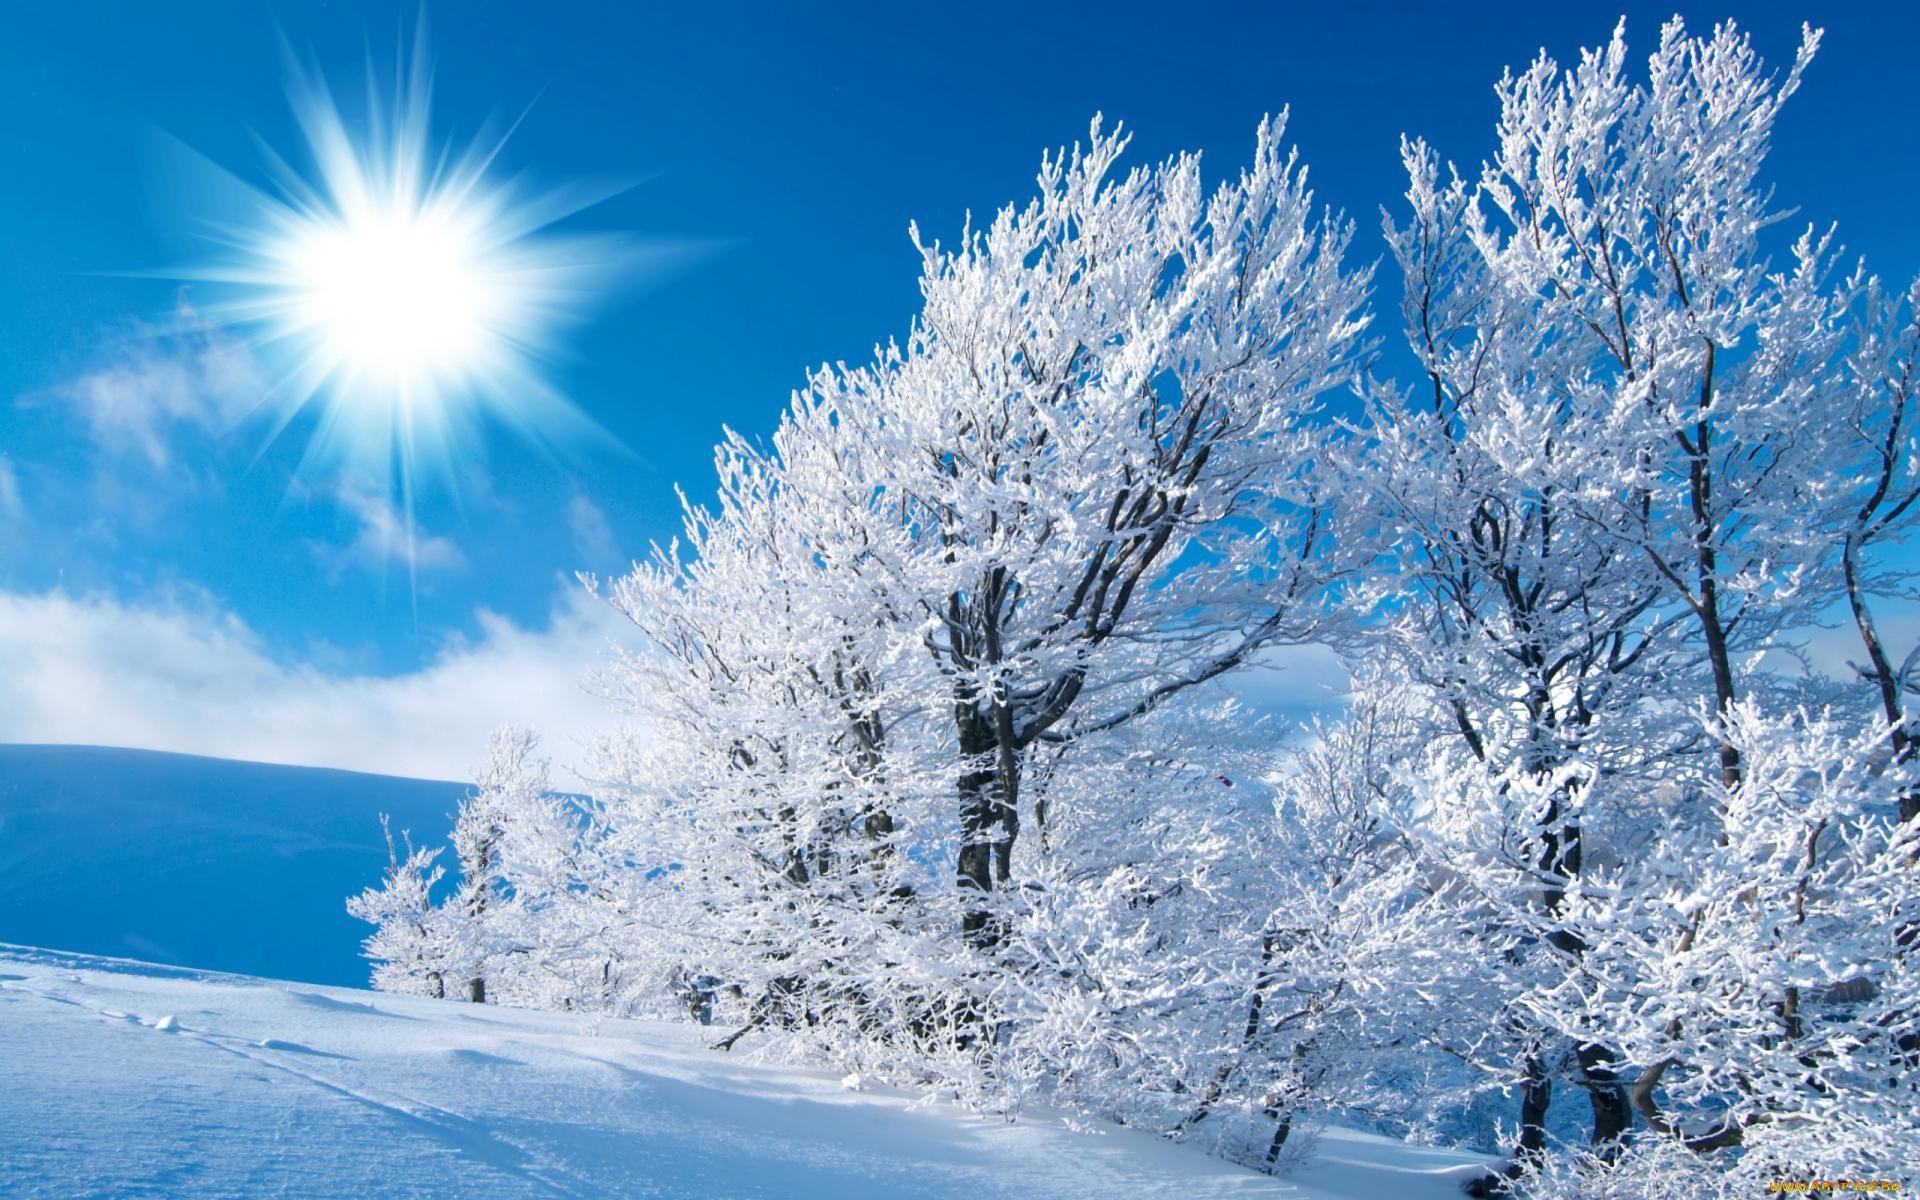 врачом красивые картинки для рабочего стола зима на весь экран помощью